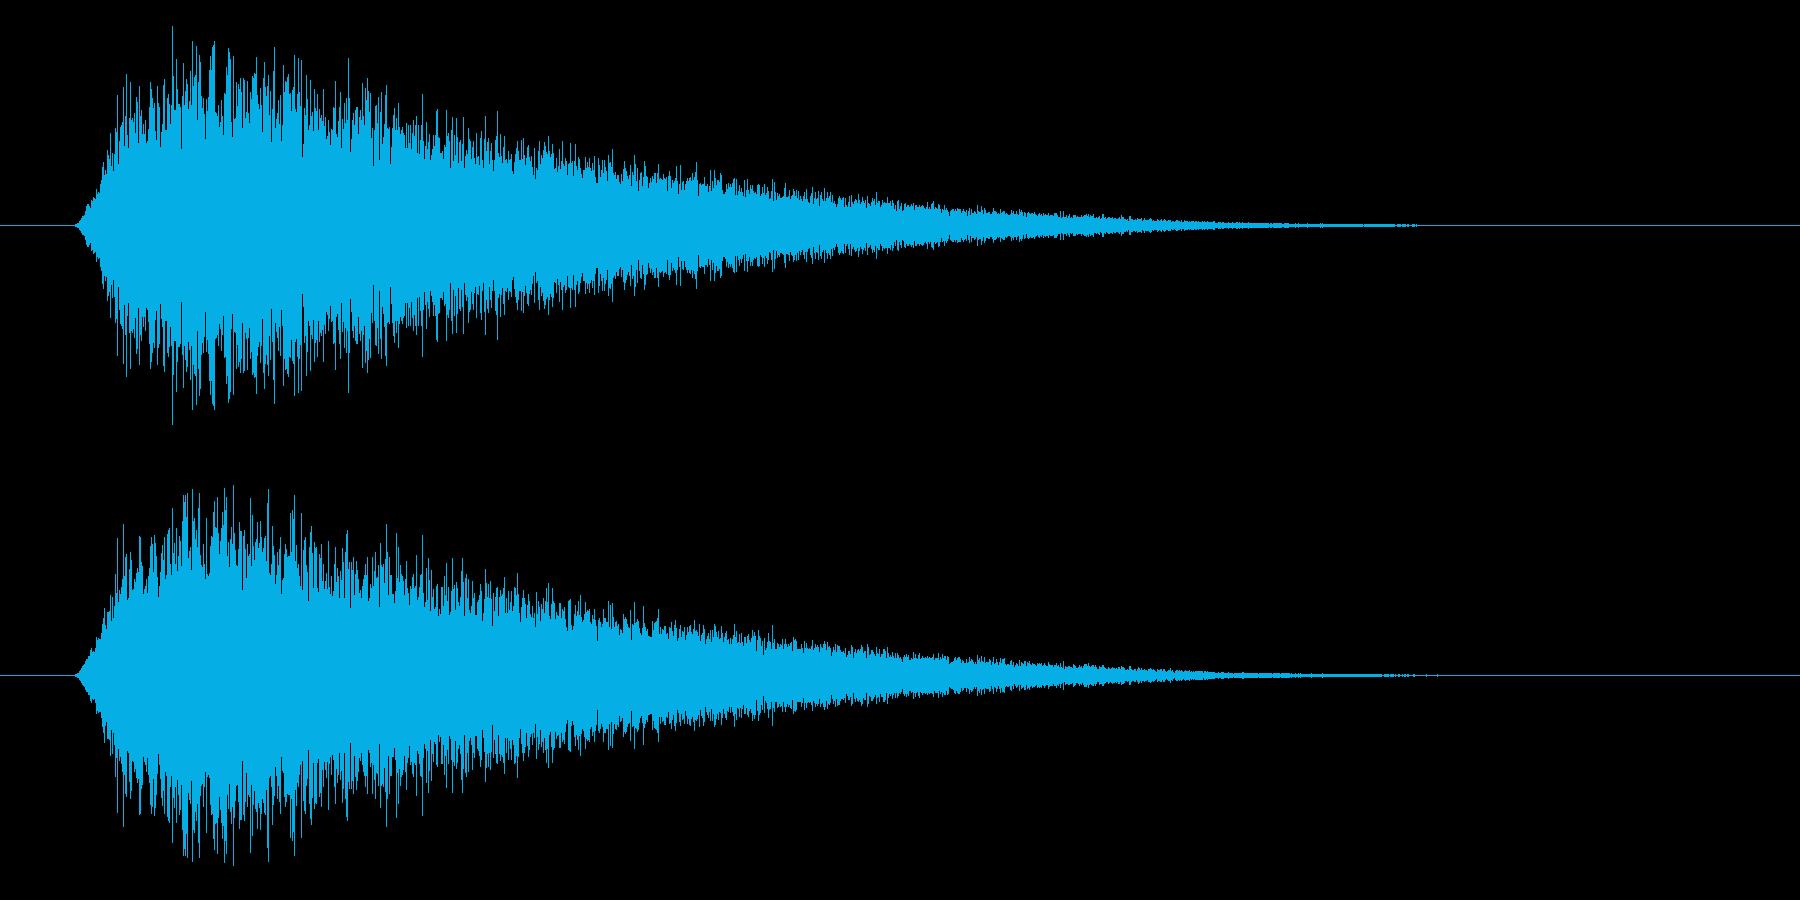 場面転換に使えるポップでかわいい上昇音の再生済みの波形